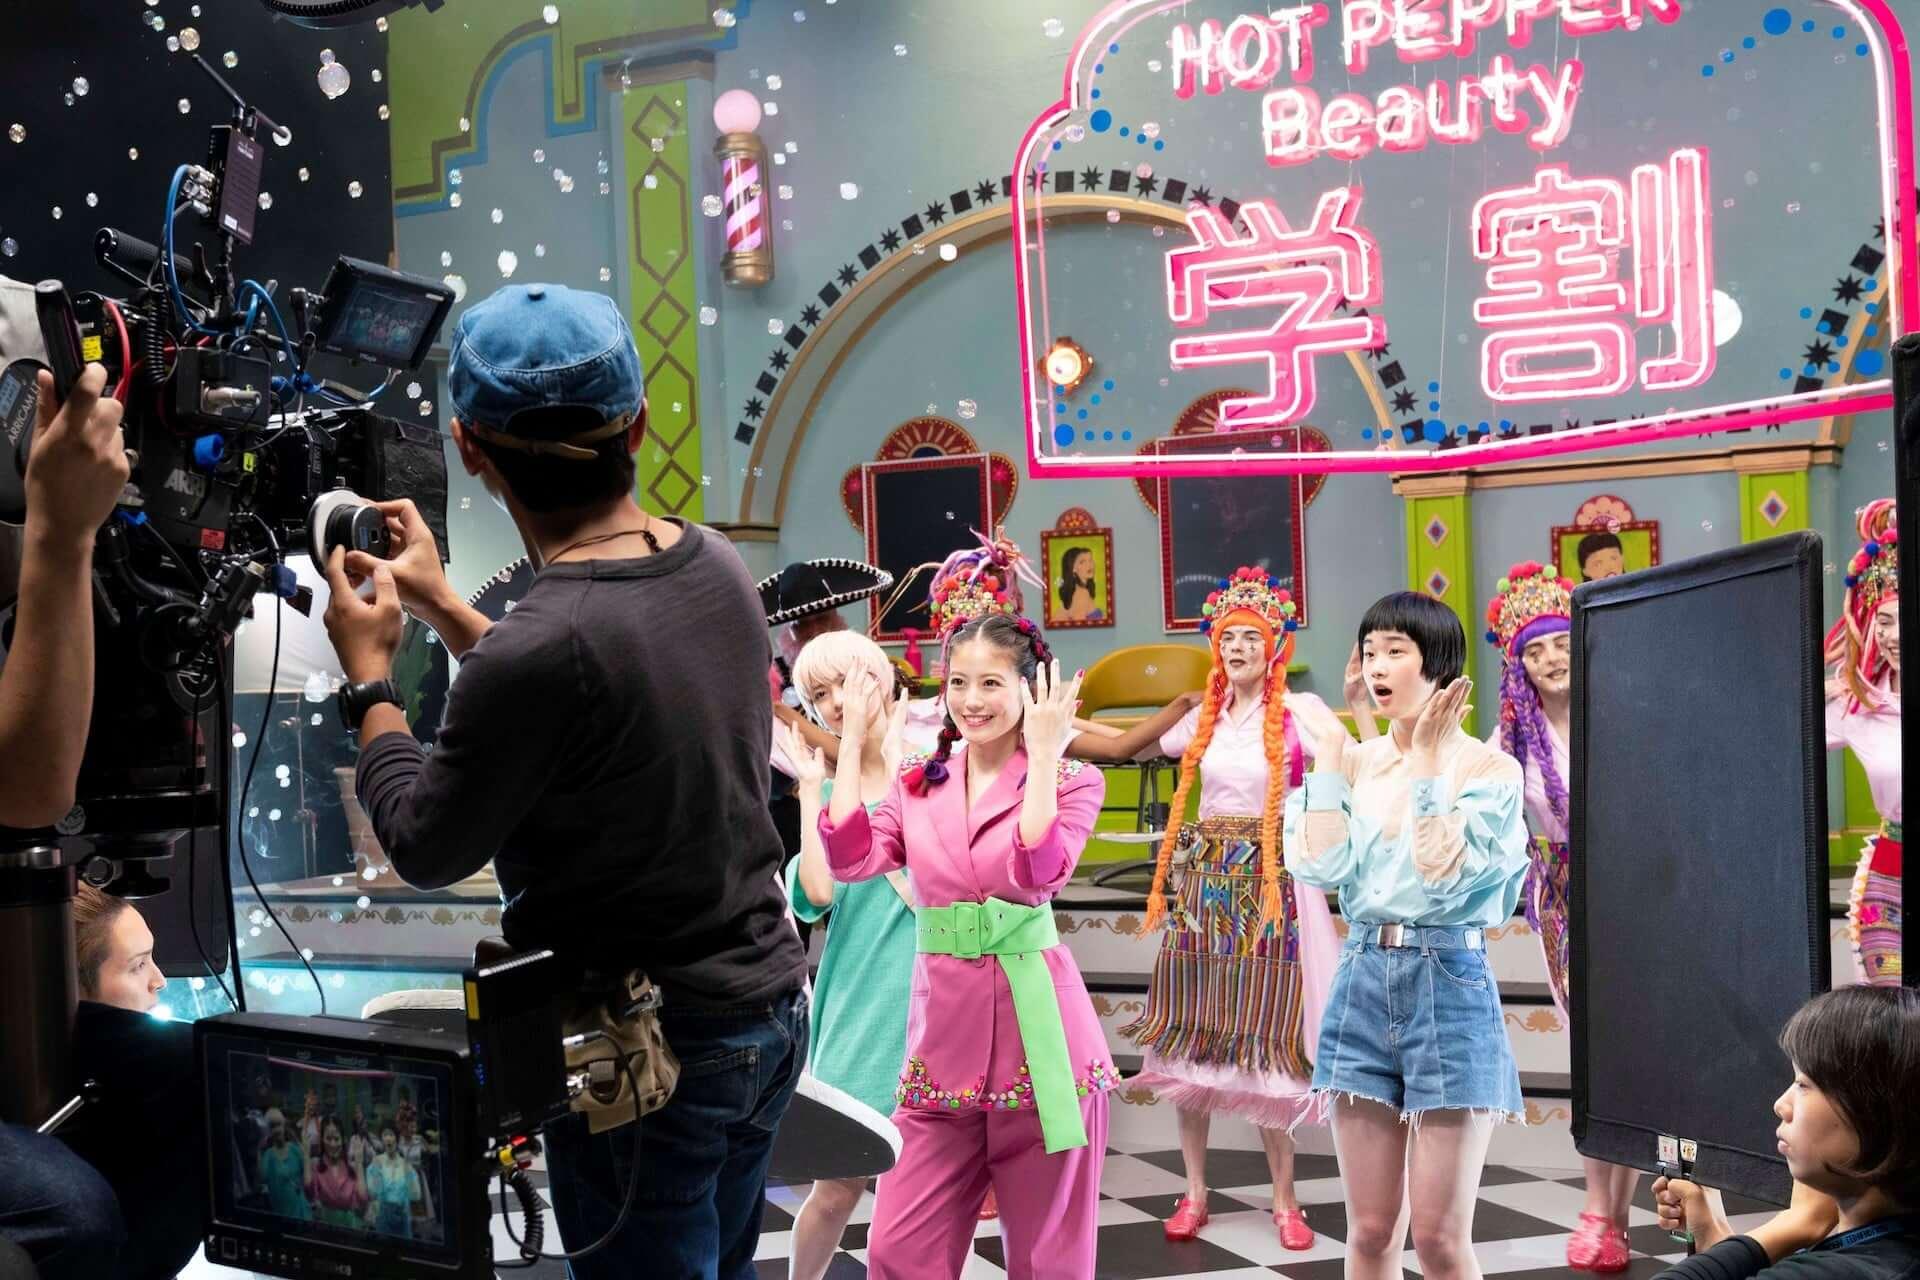 今田美桜がミュージカル風CMで不得意なダンスを披露!?メイキング&インタビュー映像も公開 life190726_imadamio_cm_11-1920x1280